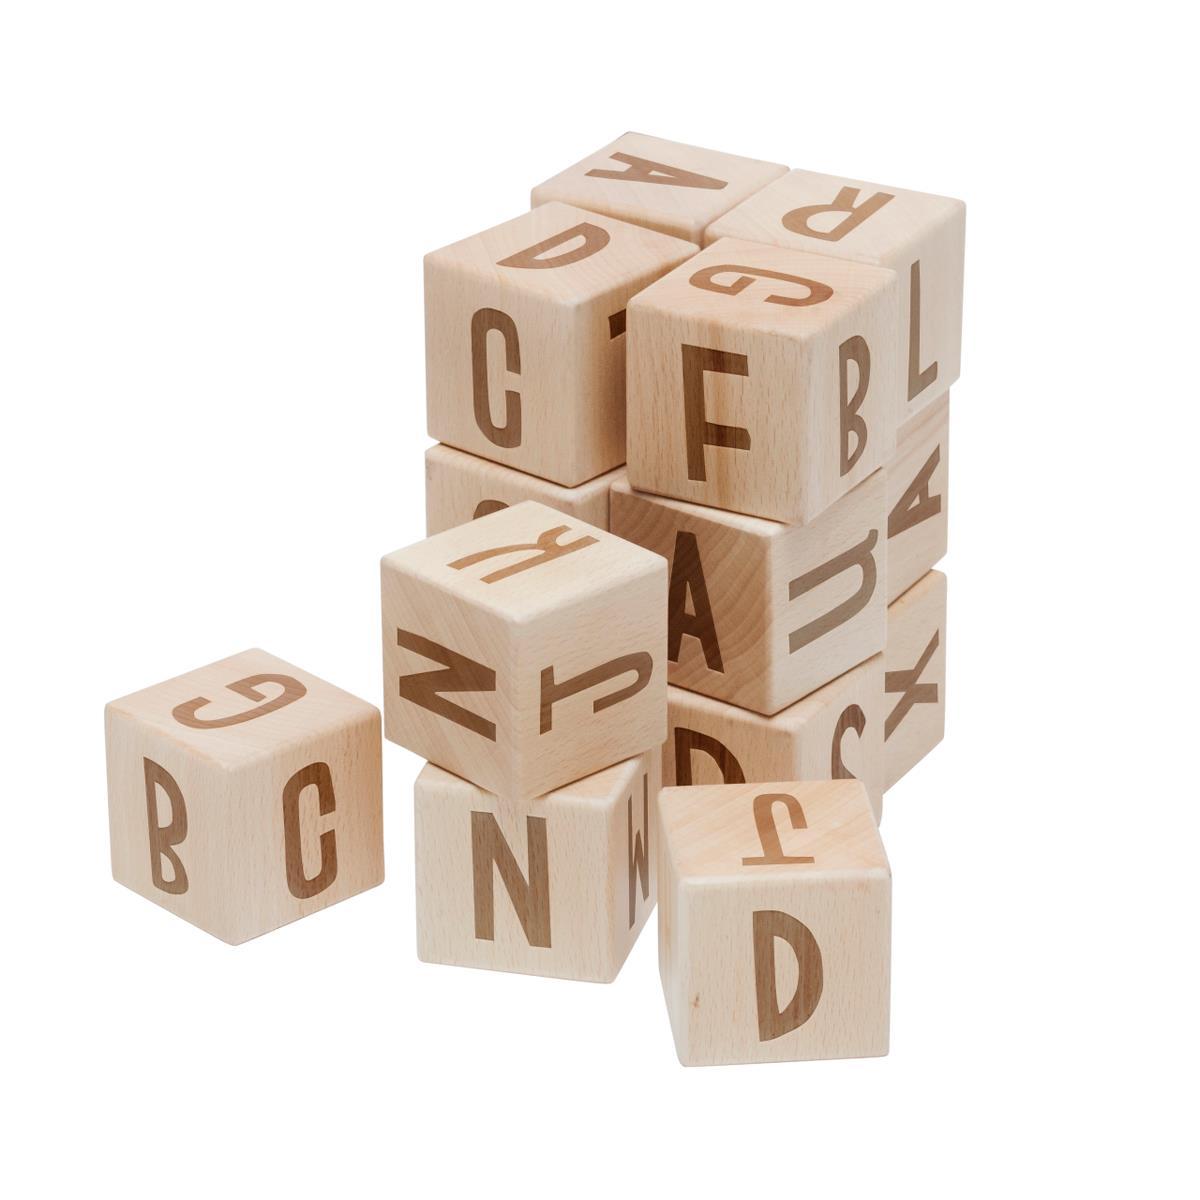 sebra Buchstabenblöcke aus Holz, 16 Stck., Holz 3017304 - 01